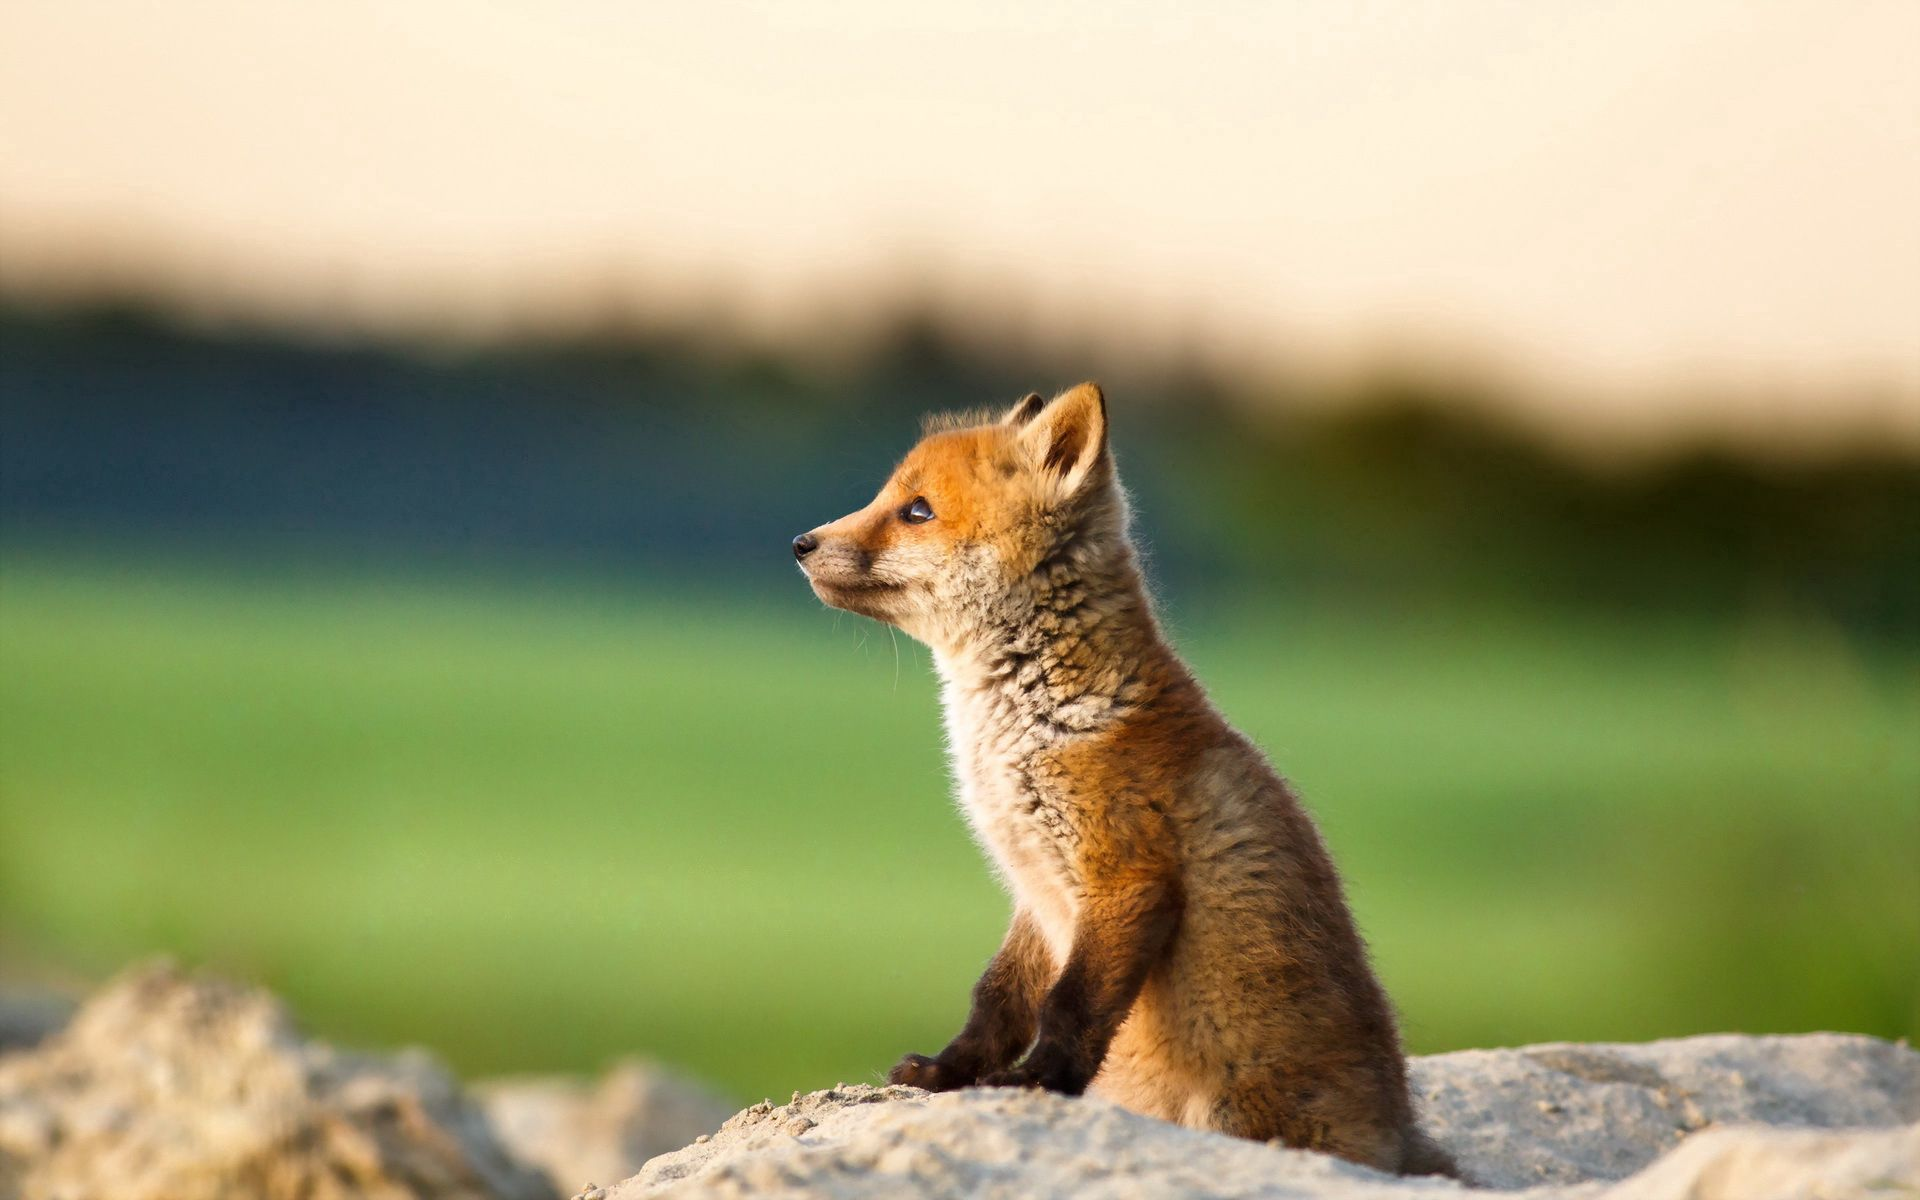 76126 Hintergrundbild herunterladen Tiere, Junge, Tier, Ein Fuchs, Fuchs, Joey - Bildschirmschoner und Bilder kostenlos